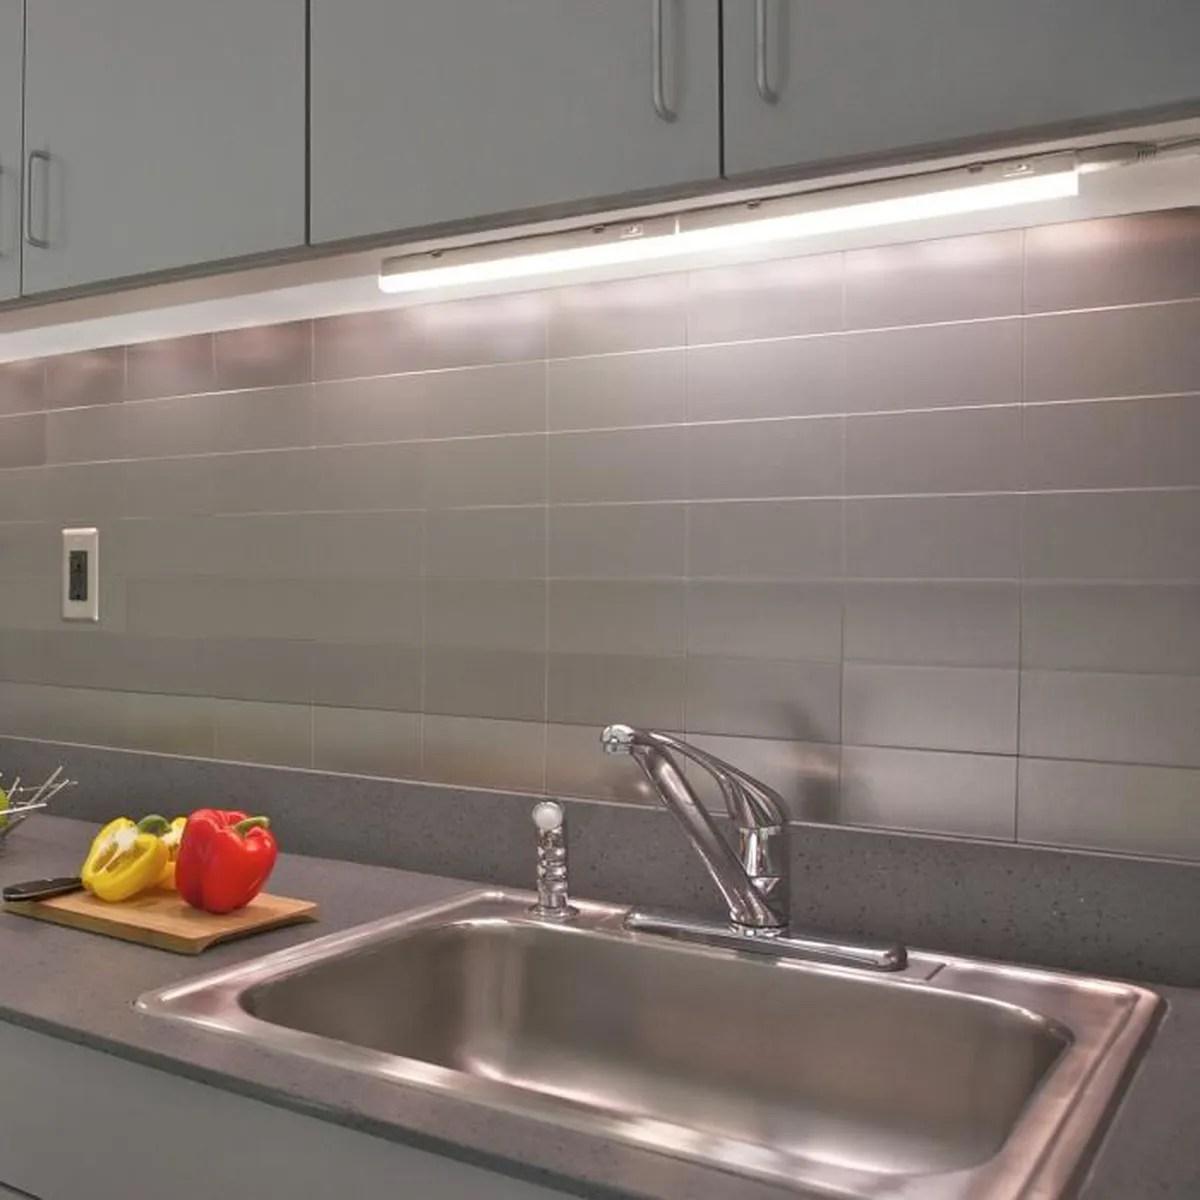 lampe reglette a led de barre plan de travail sous meuble cuisine led 5w avec interrupteur longueur 313mm connectable lot 2 lampes